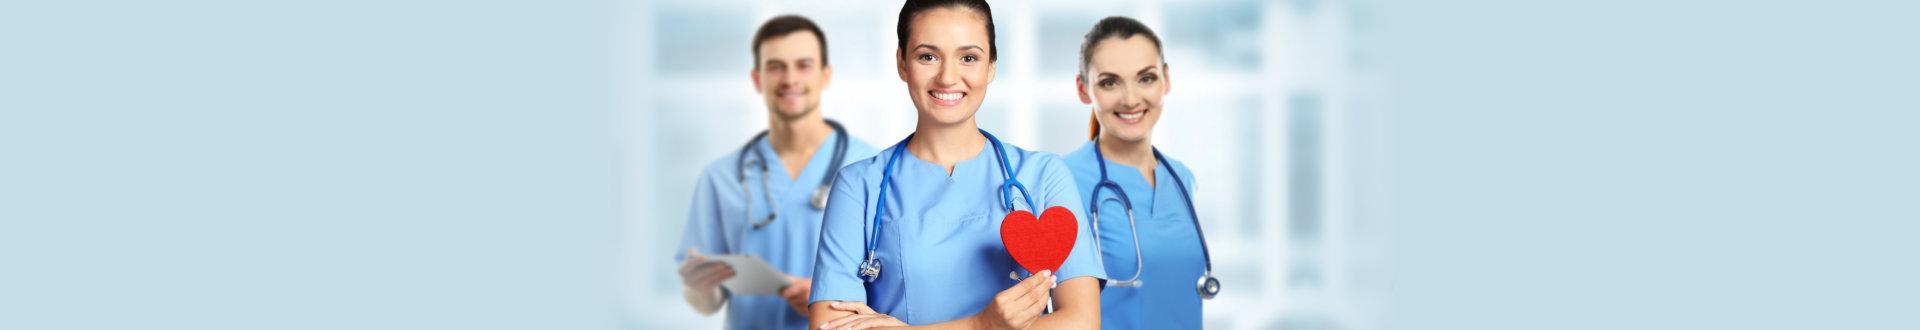 professionals nurse